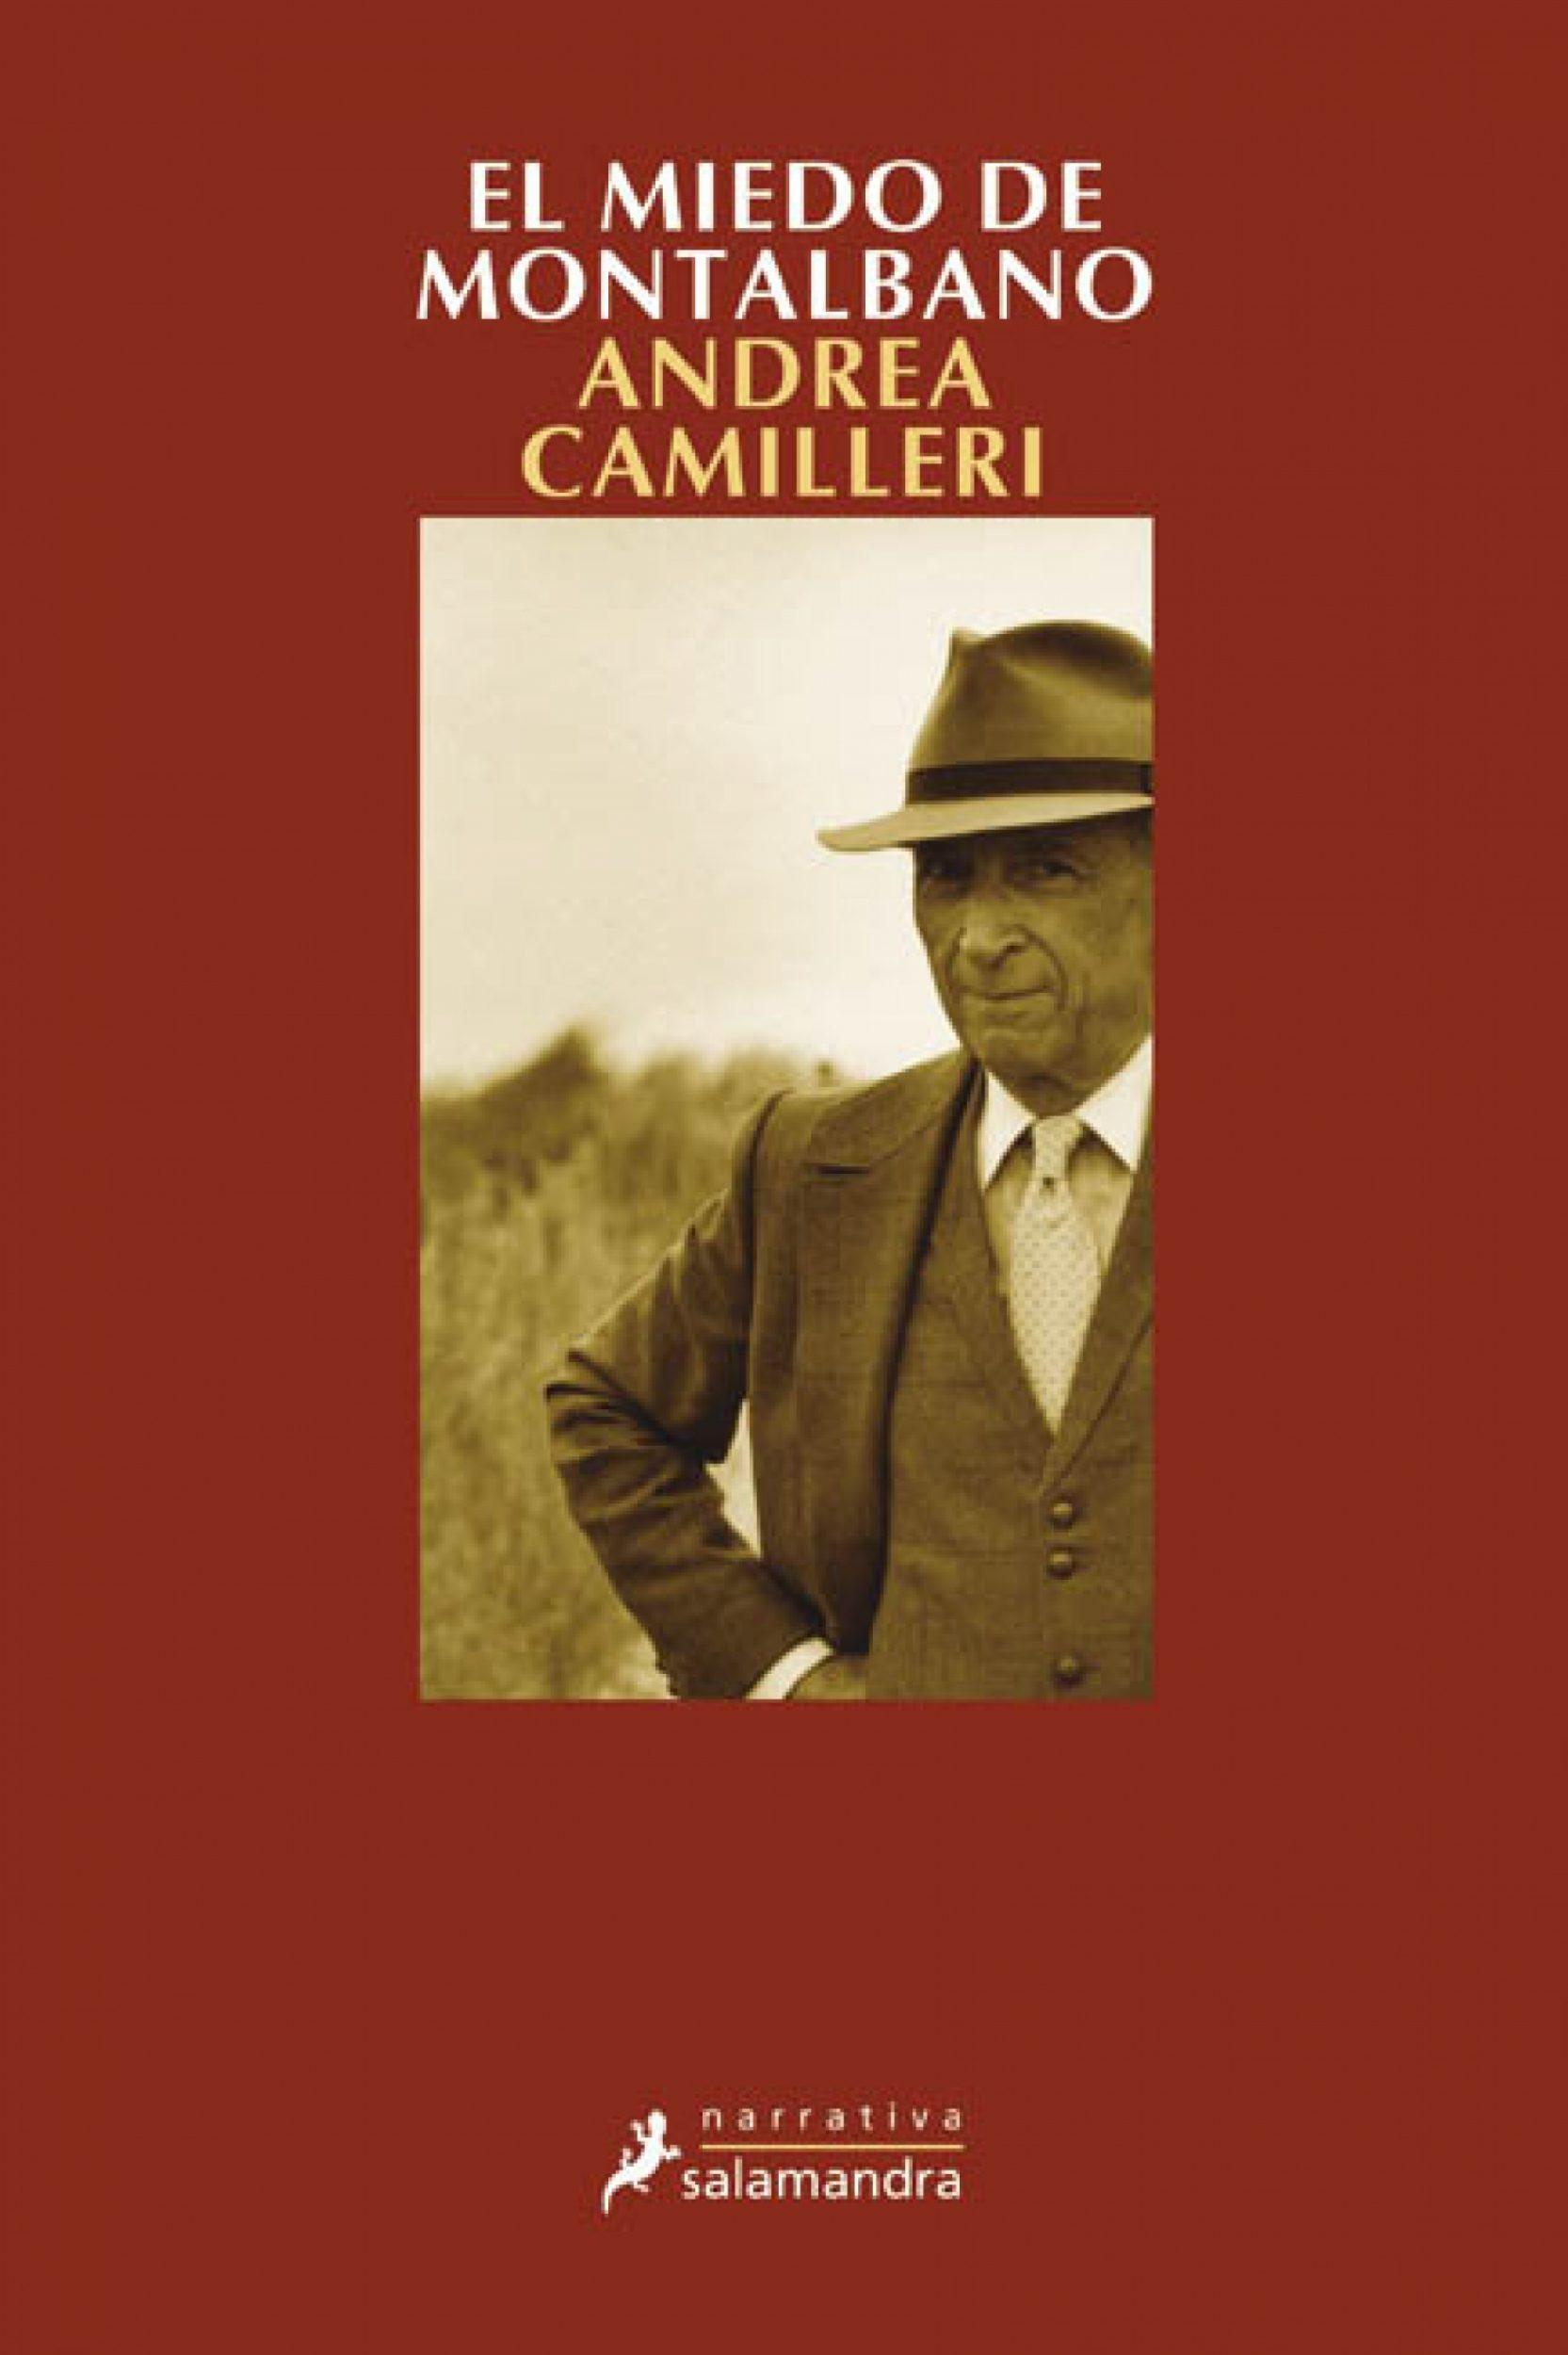 El Miedo De Montalbano   por Andrea Camilleri